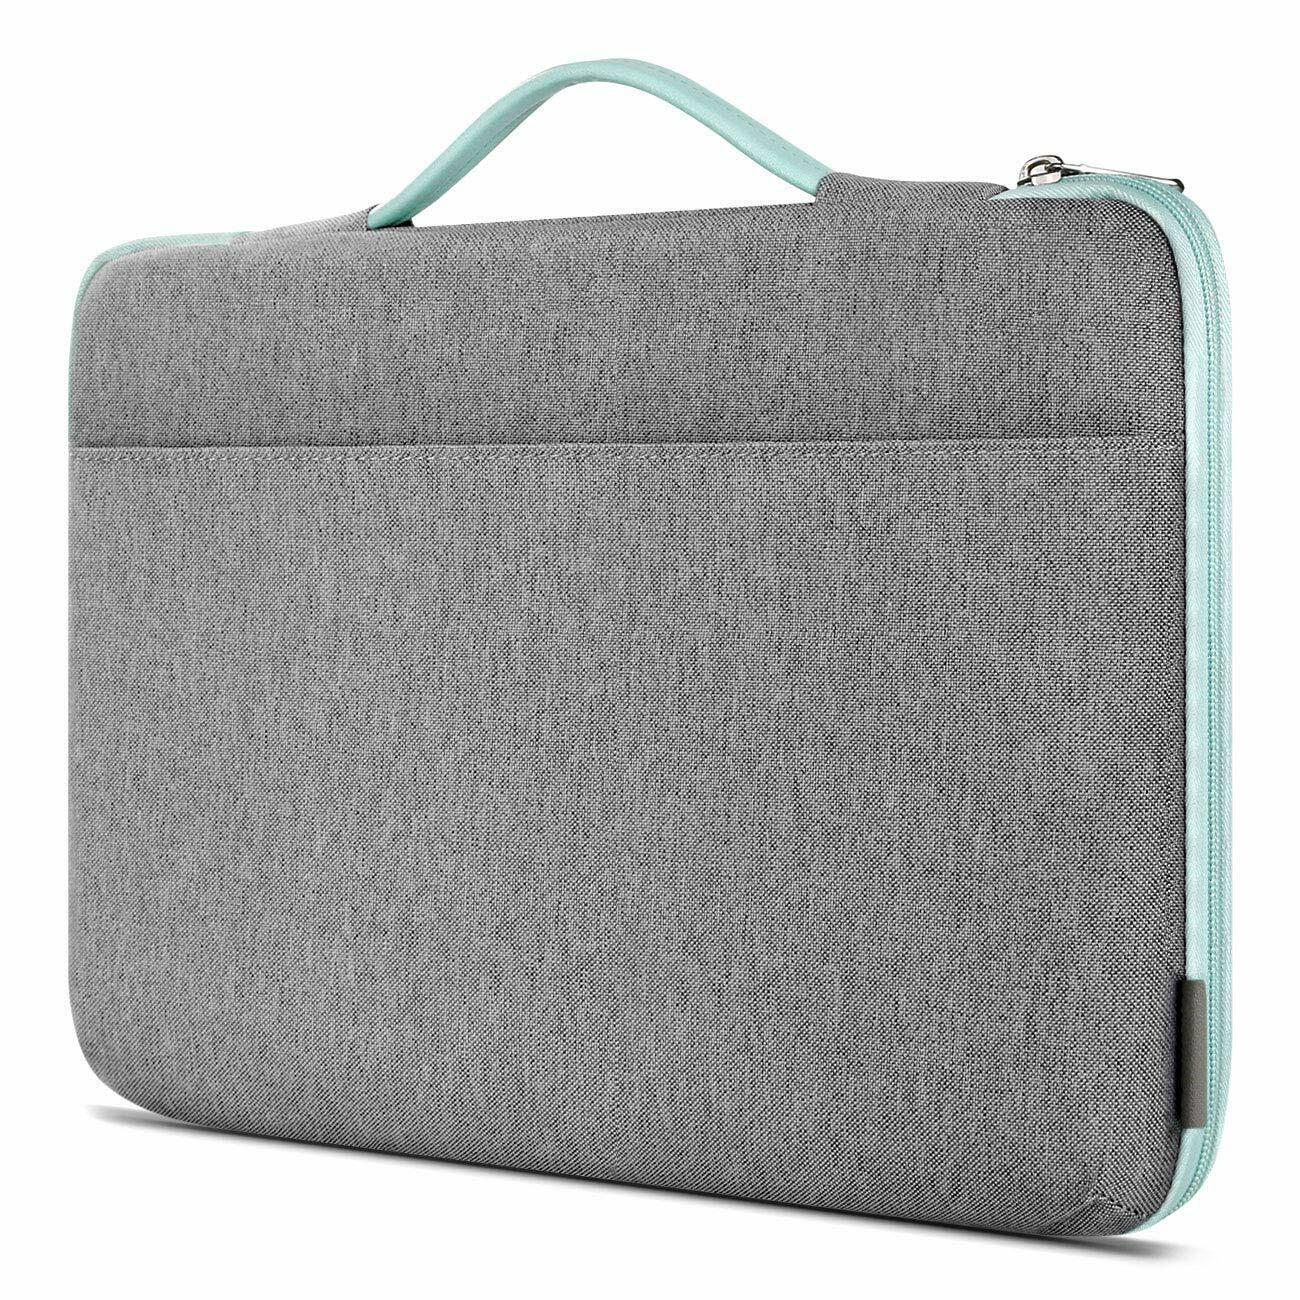 Inateck 15~15,6 Zoll Stoßfestes Notebooktasche Laptotasche Koffer, Grau Mintgrün